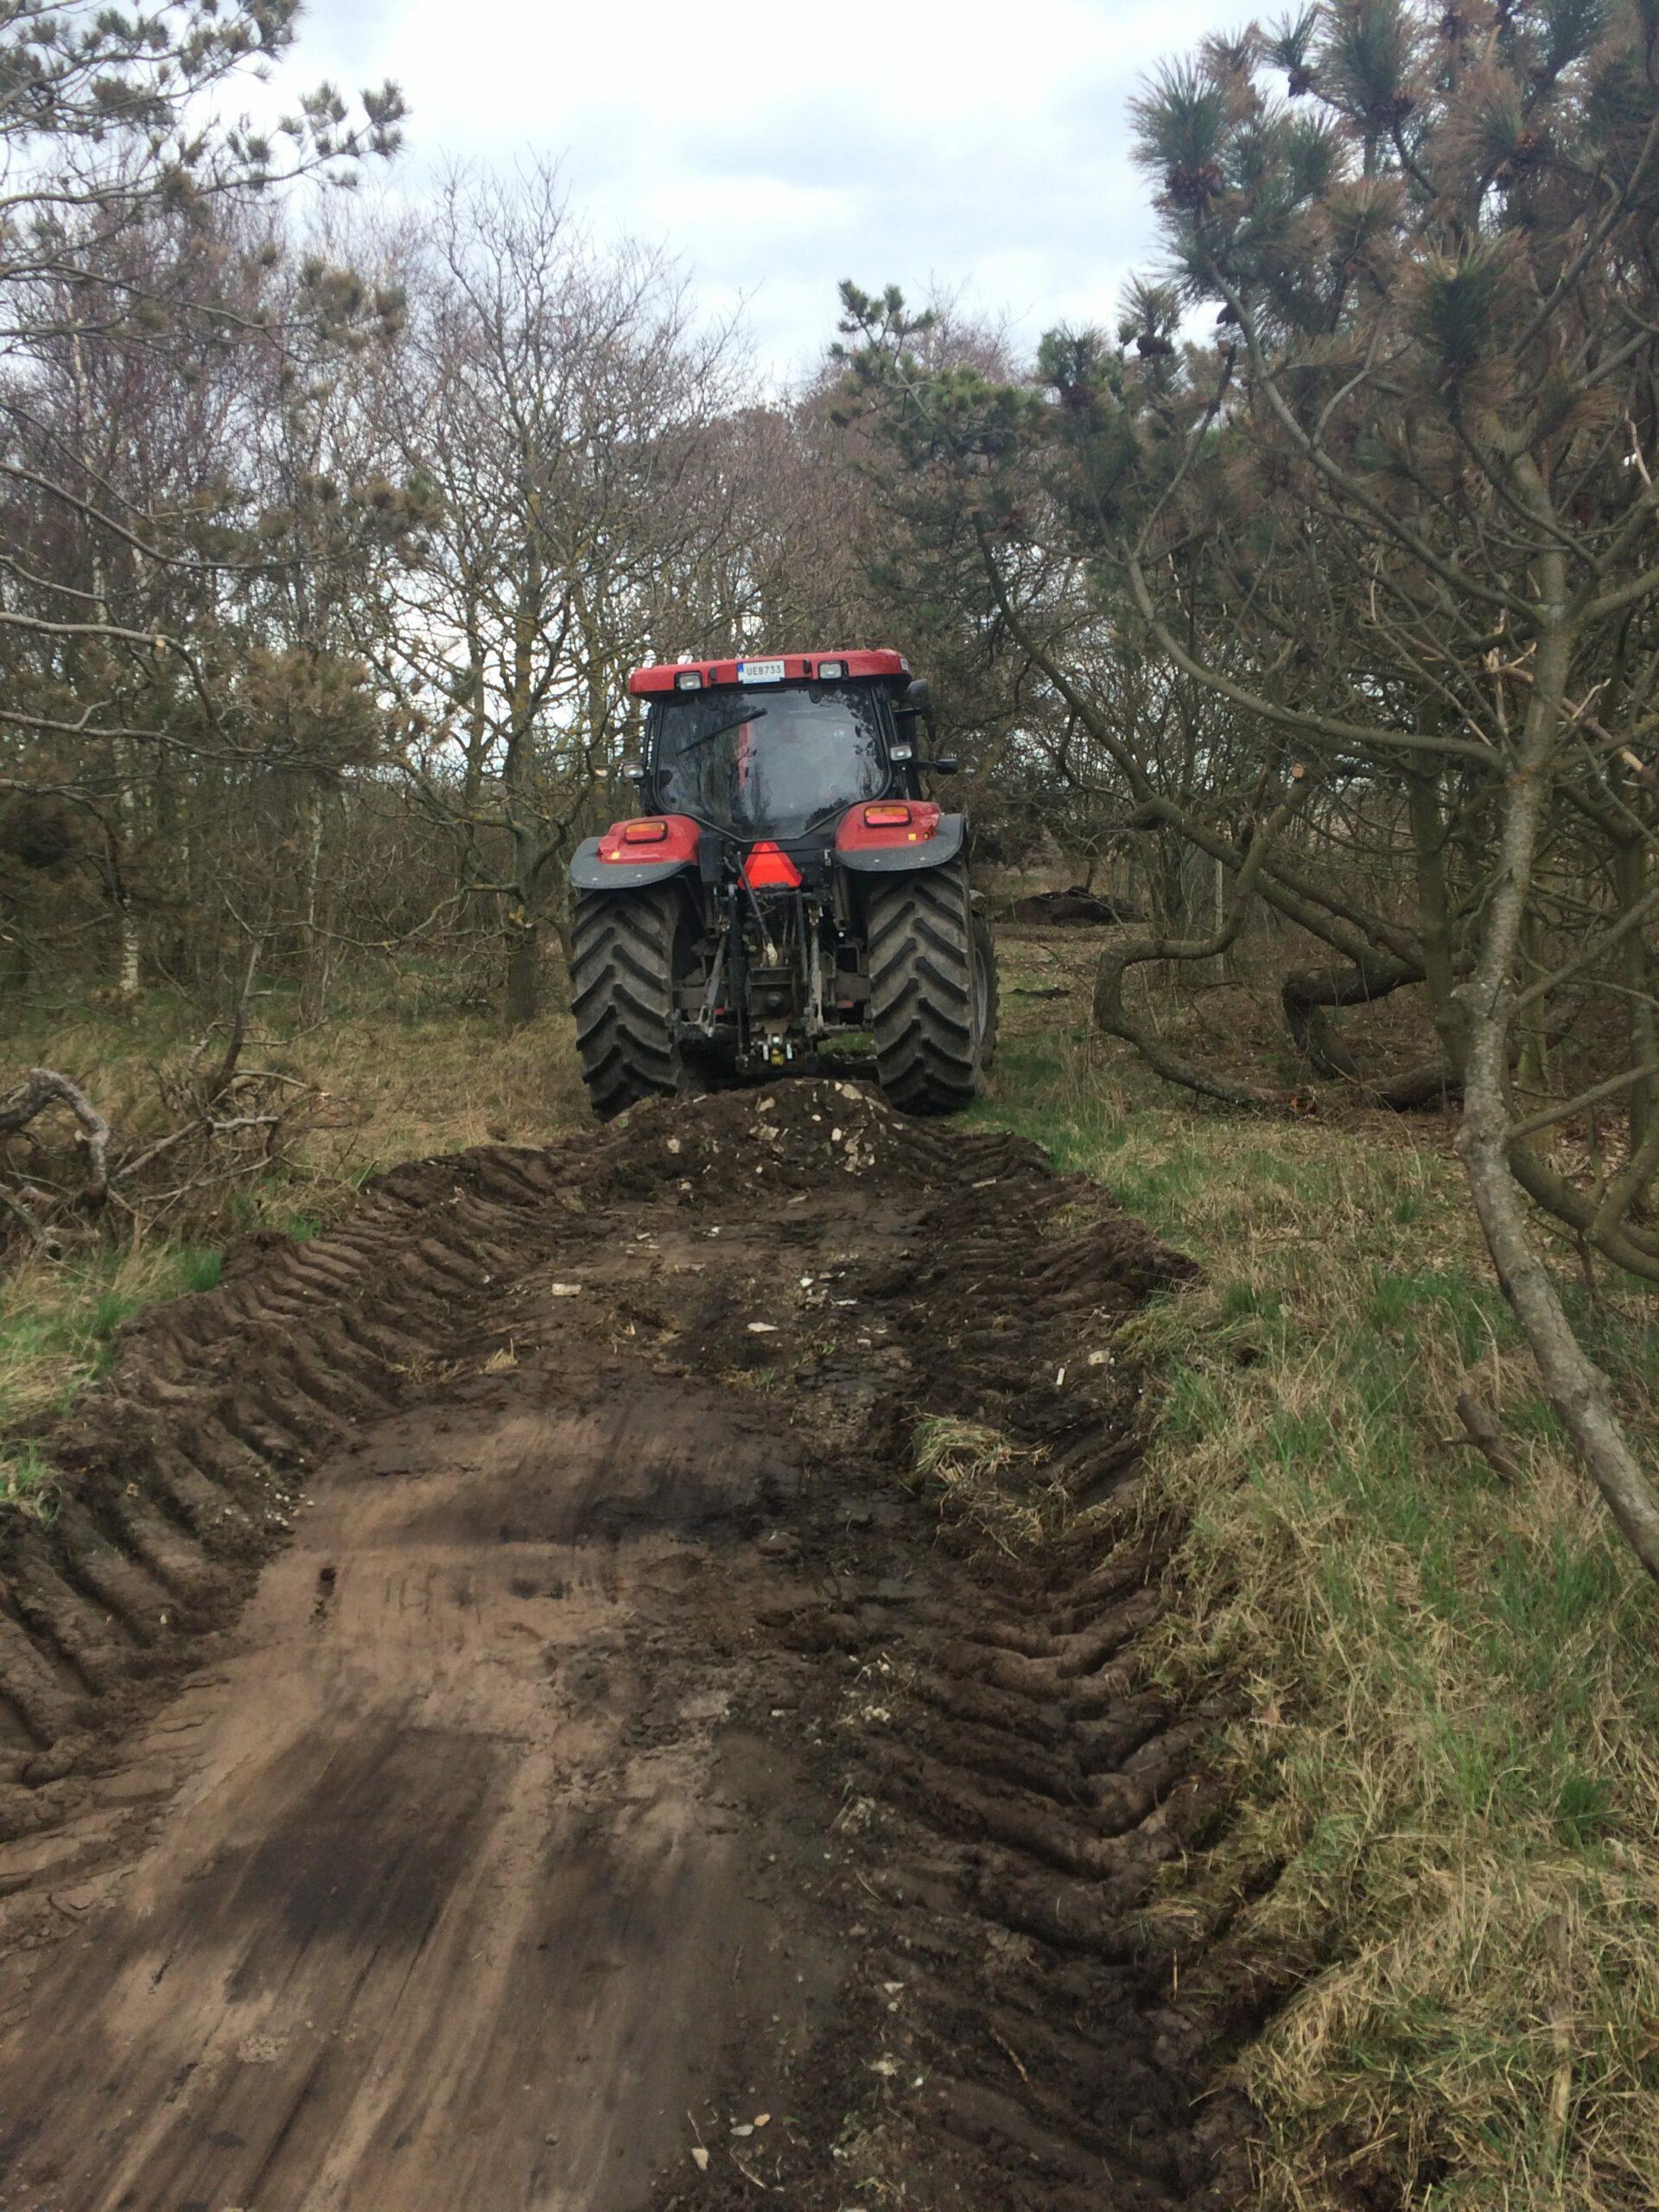 Traktor för markarbete i Clary's Hage